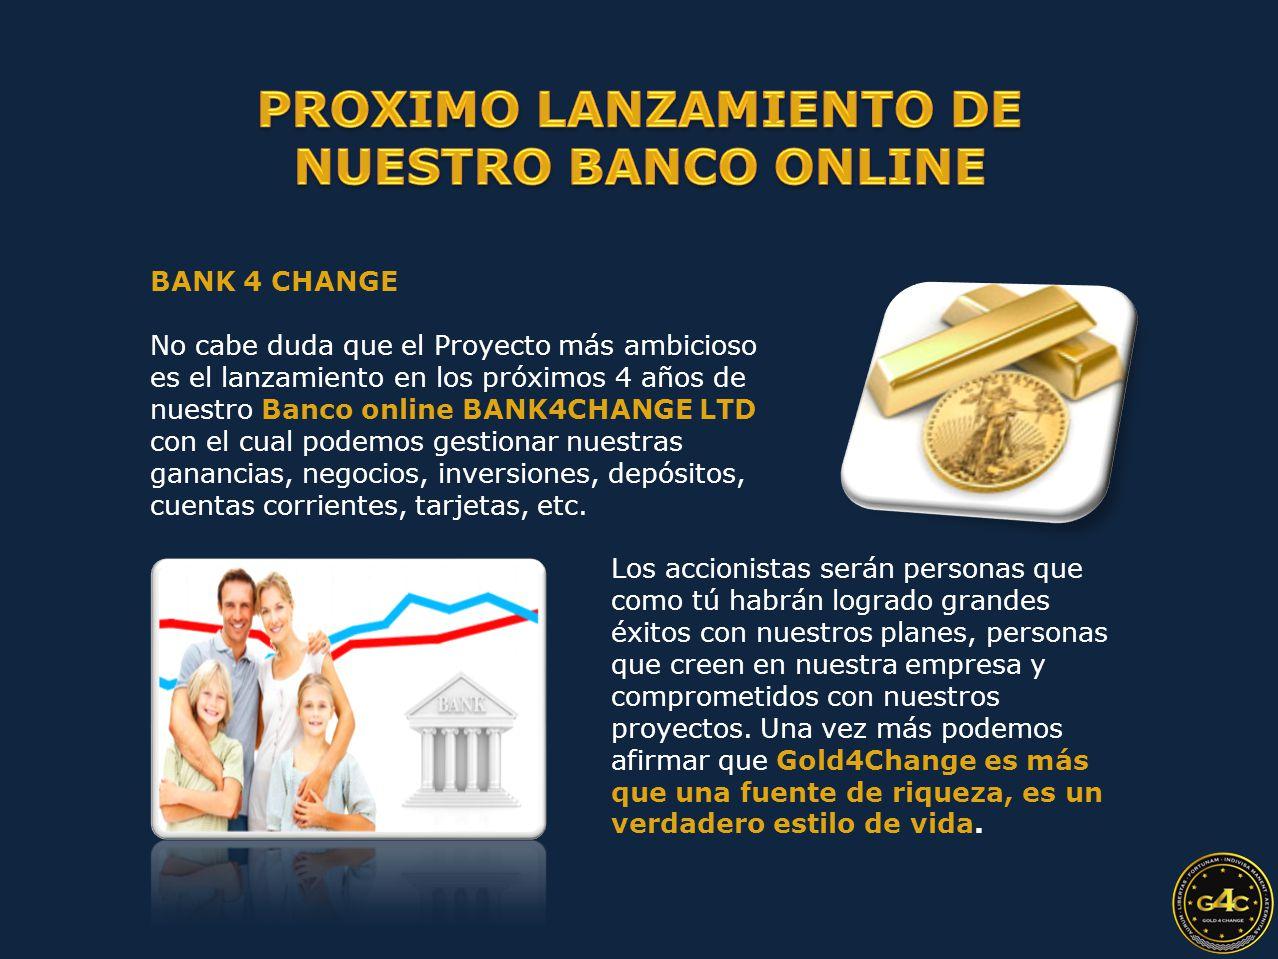 BANK 4 CHANGE No cabe duda que el Proyecto más ambicioso es el lanzamiento en los próximos 4 años de nuestro Banco online BANK4CHANGE LTD con el cual podemos gestionar nuestras ganancias, negocios, inversiones, depósitos, cuentas corrientes, tarjetas, etc.